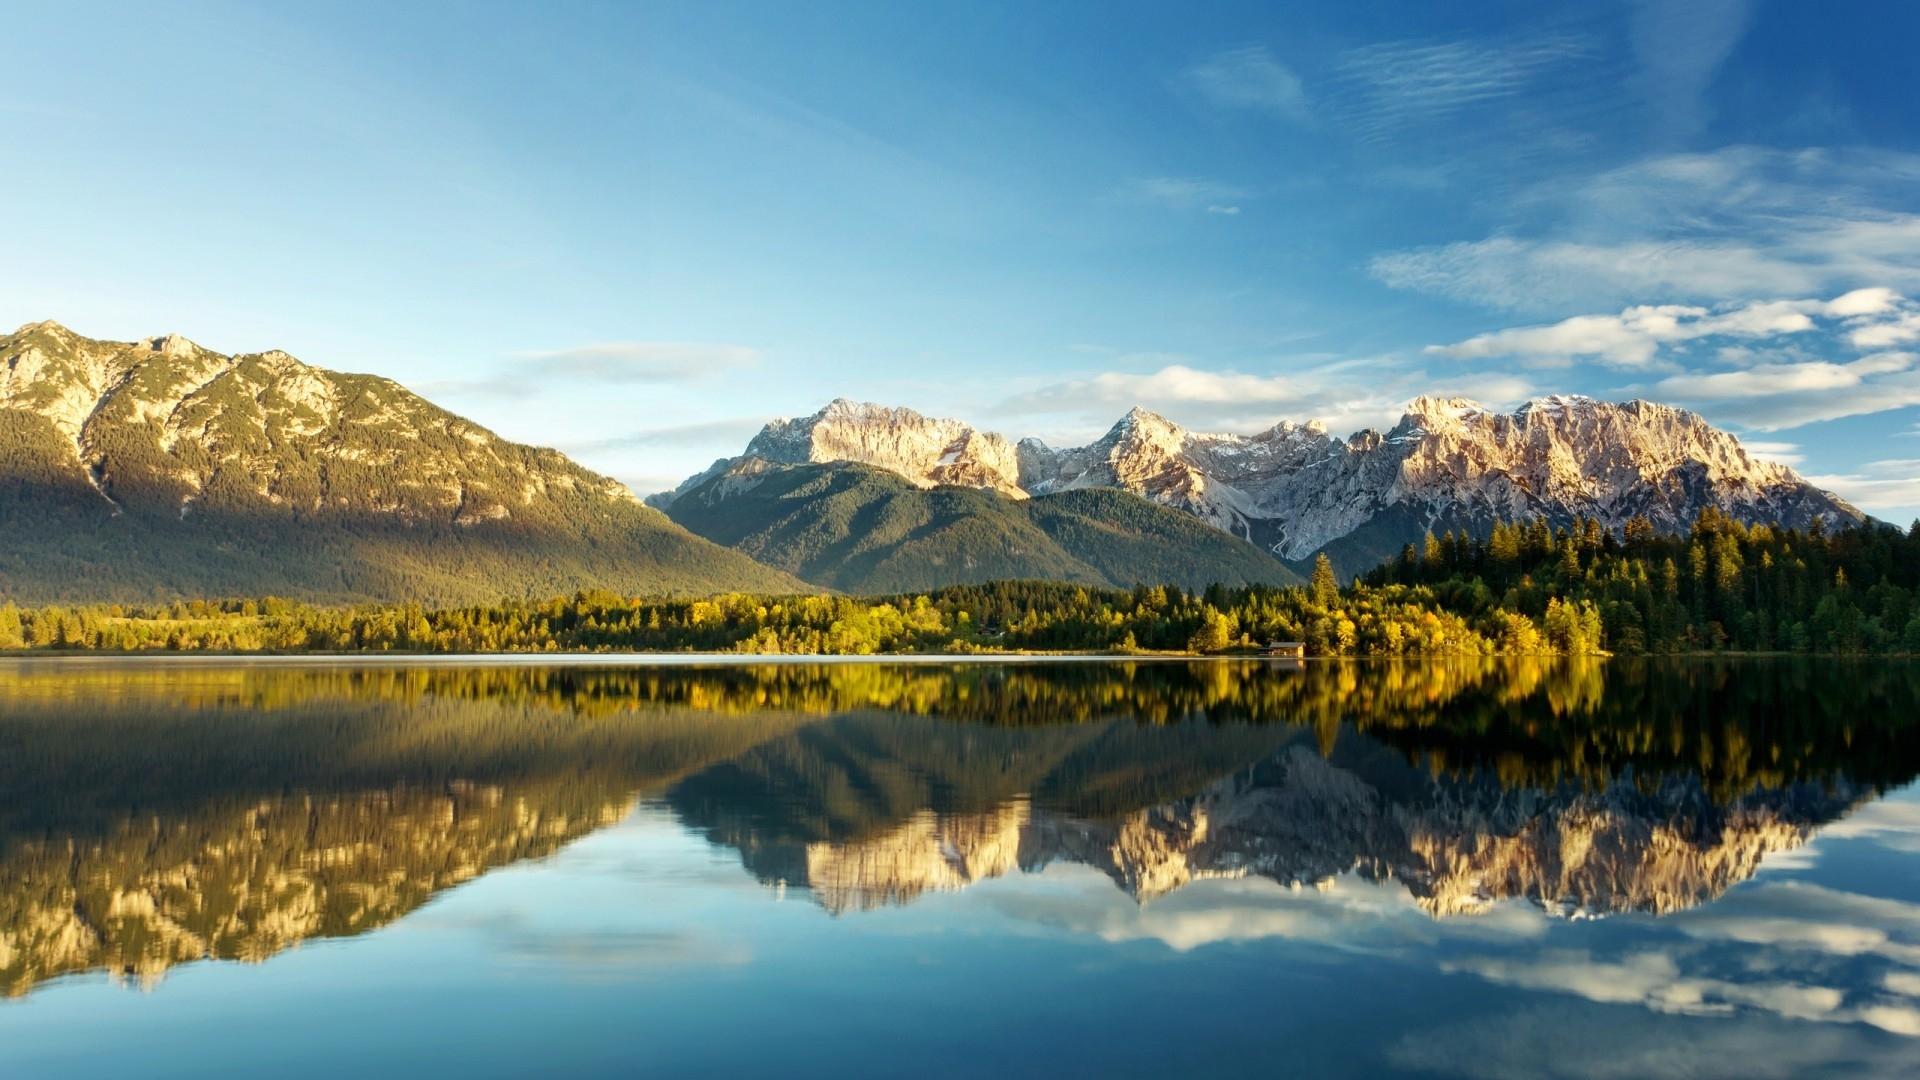 24858 скачать обои Пейзаж, Горы, Облака, Озера - заставки и картинки бесплатно